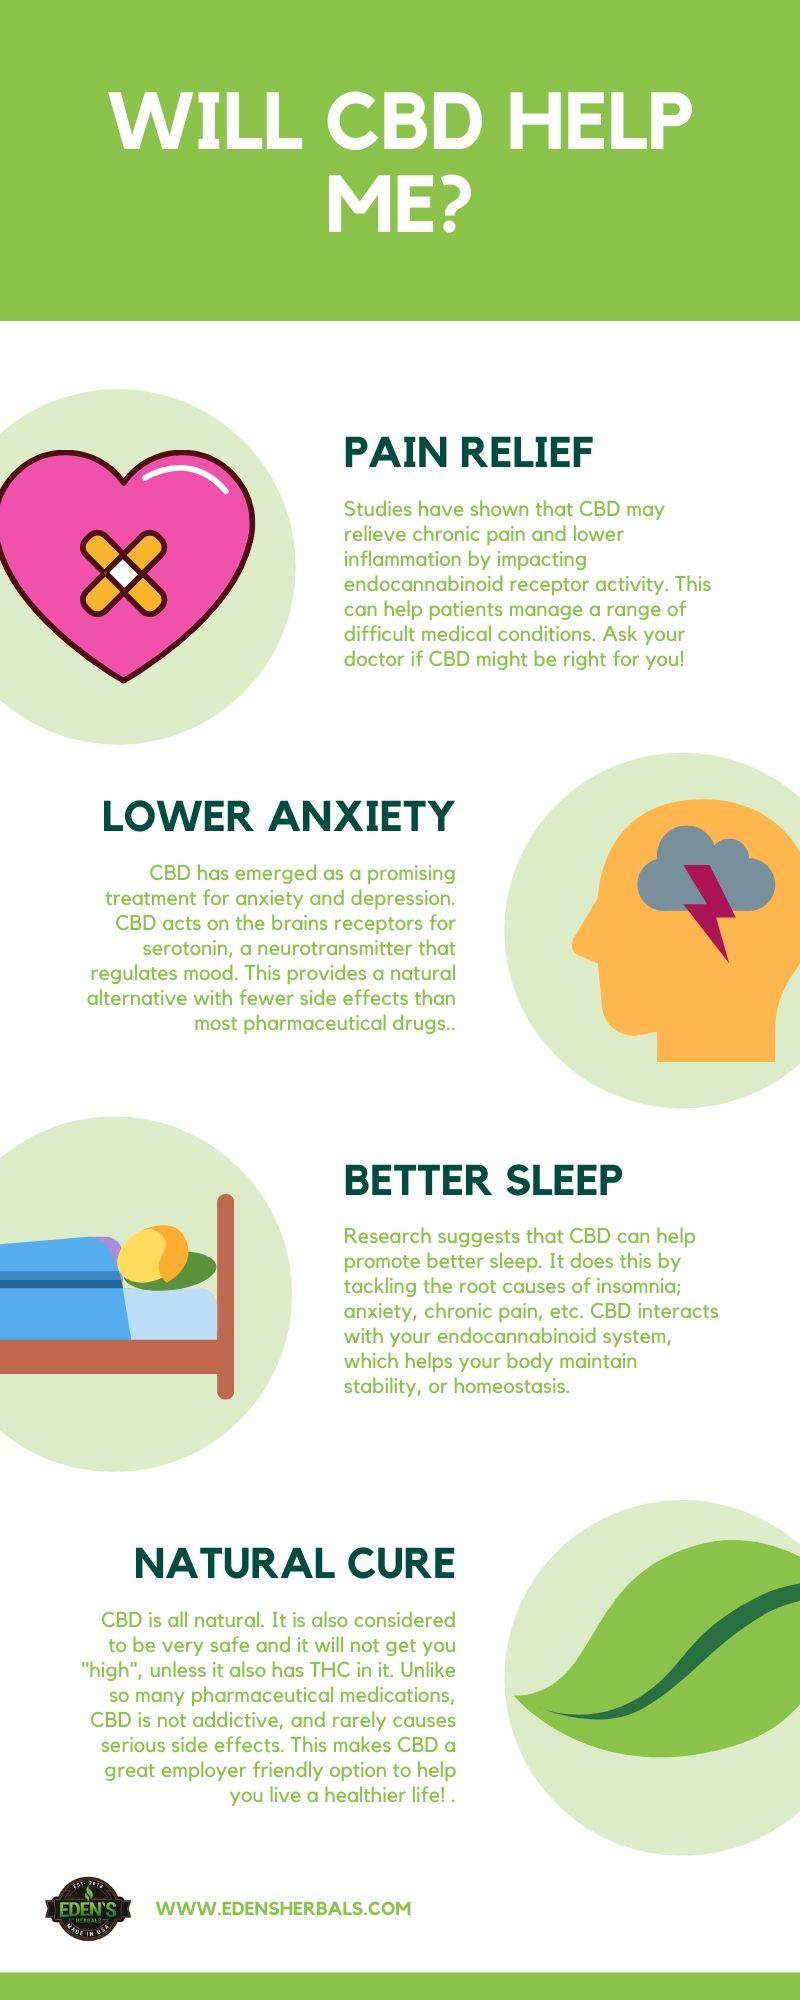 Eden's Herbals Infographic Benefits of CBD